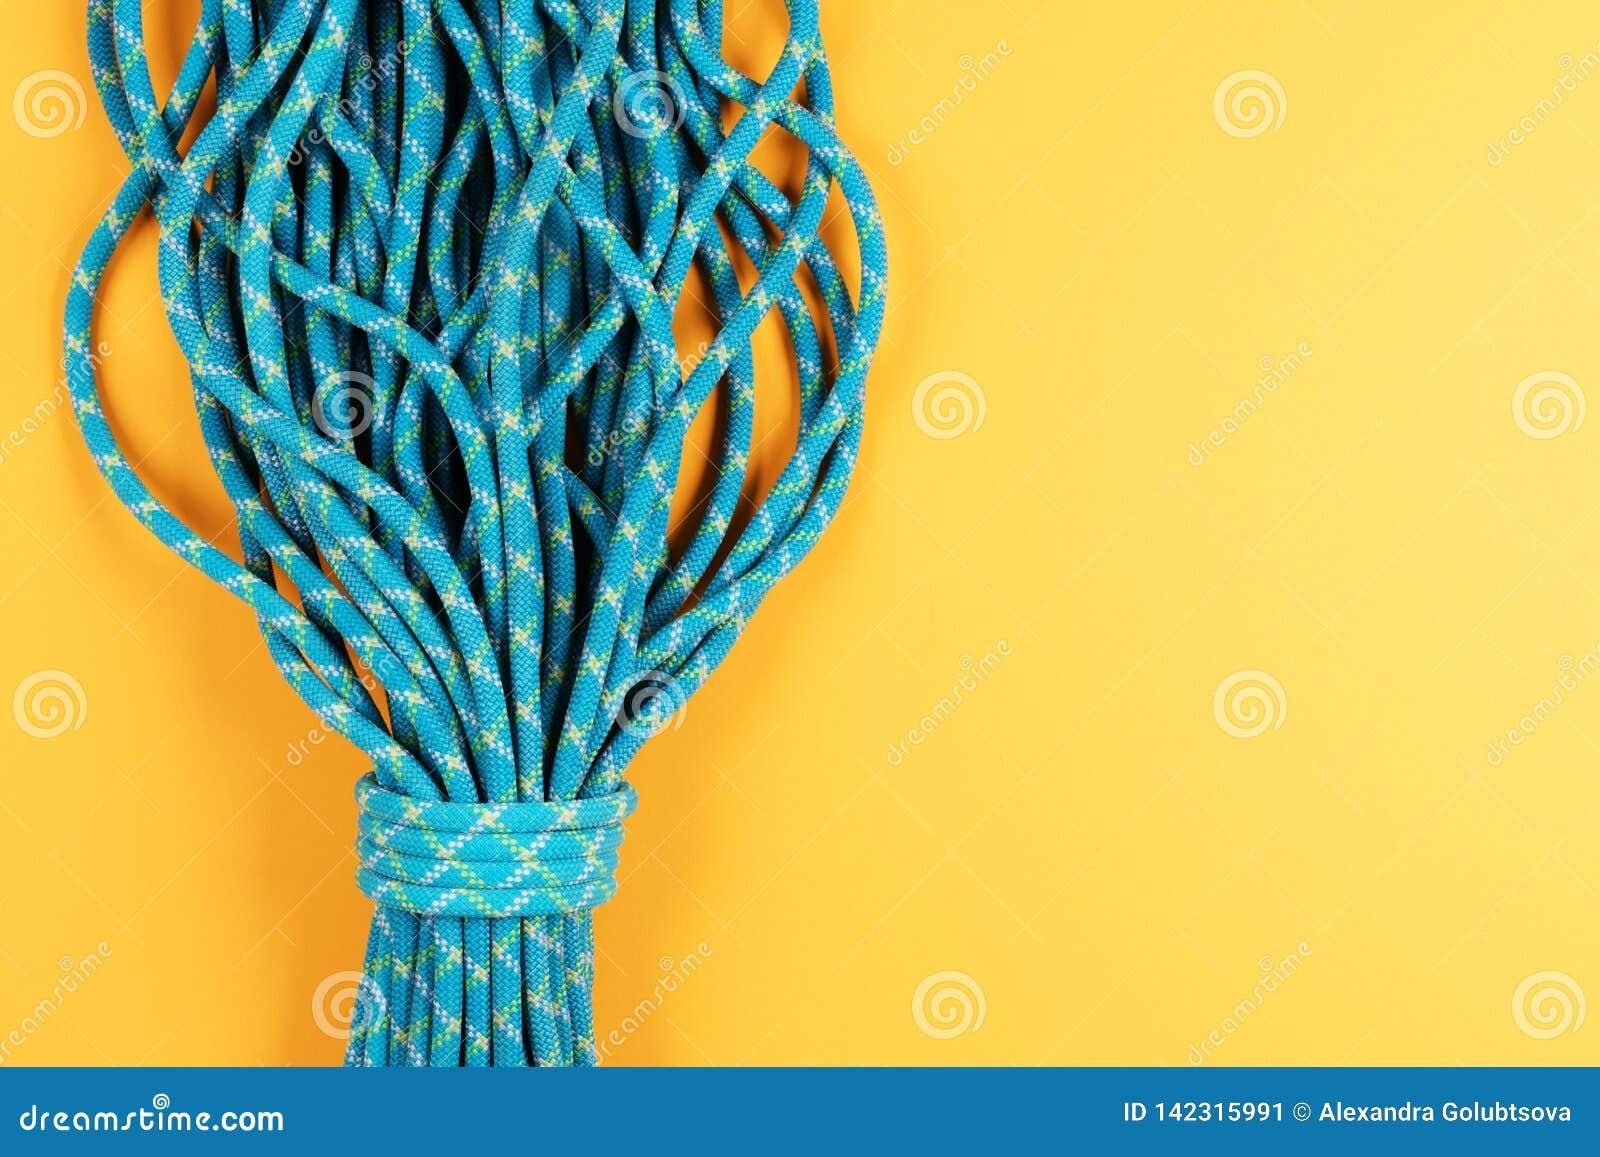 Cuerda azul en fondo amarillo